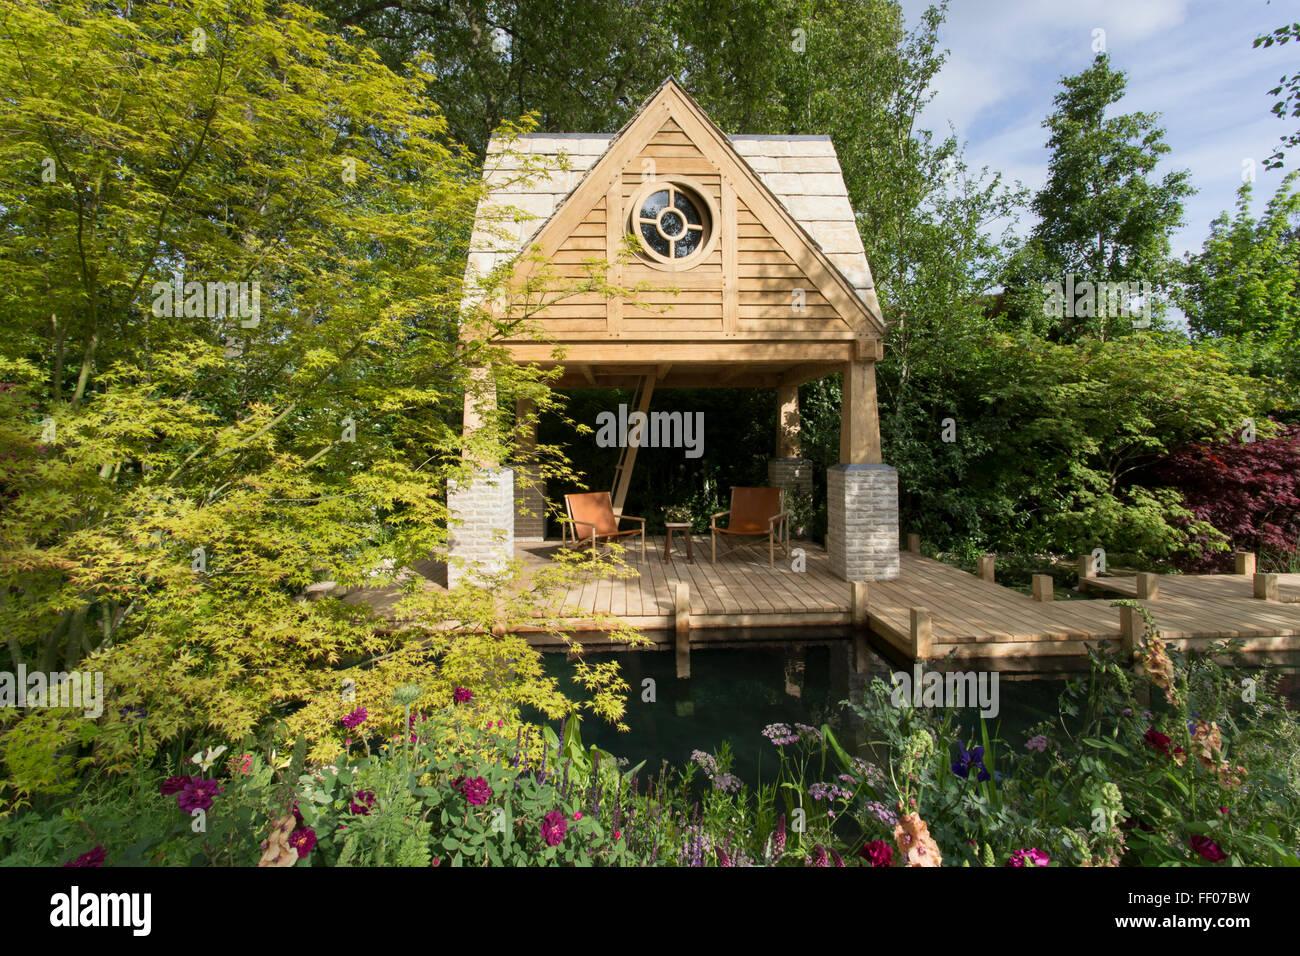 Wooden Decking Pond Stockfotos & Wooden Decking Pond Bilder - Alamy